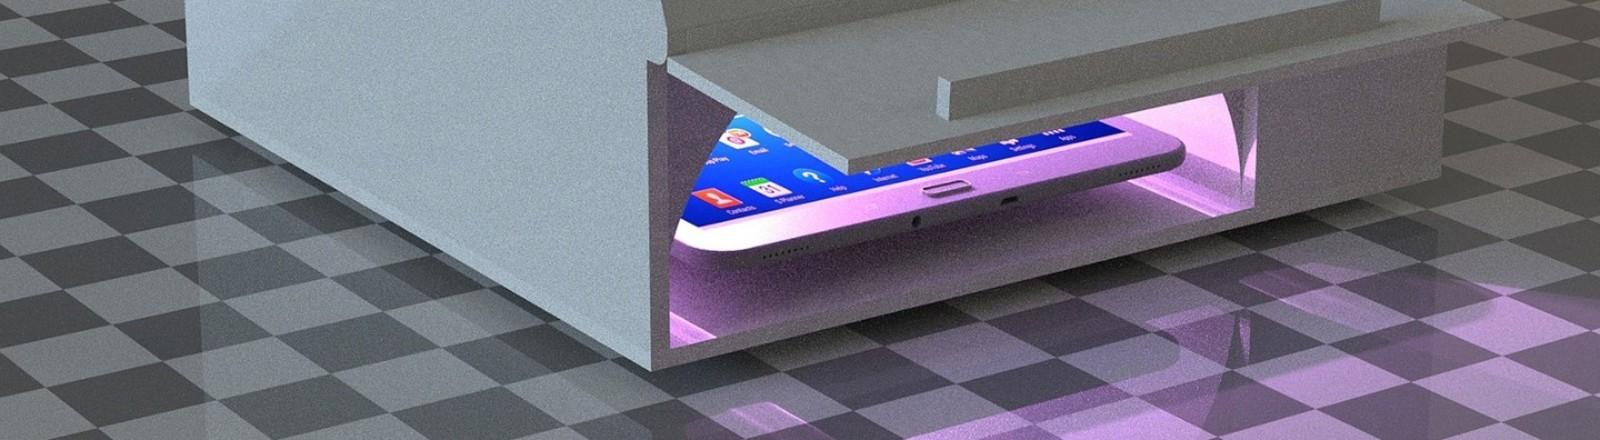 Prototyp des Fraunhofer Institus von Desinfektionsgerät mit LED-UV-C-Licht